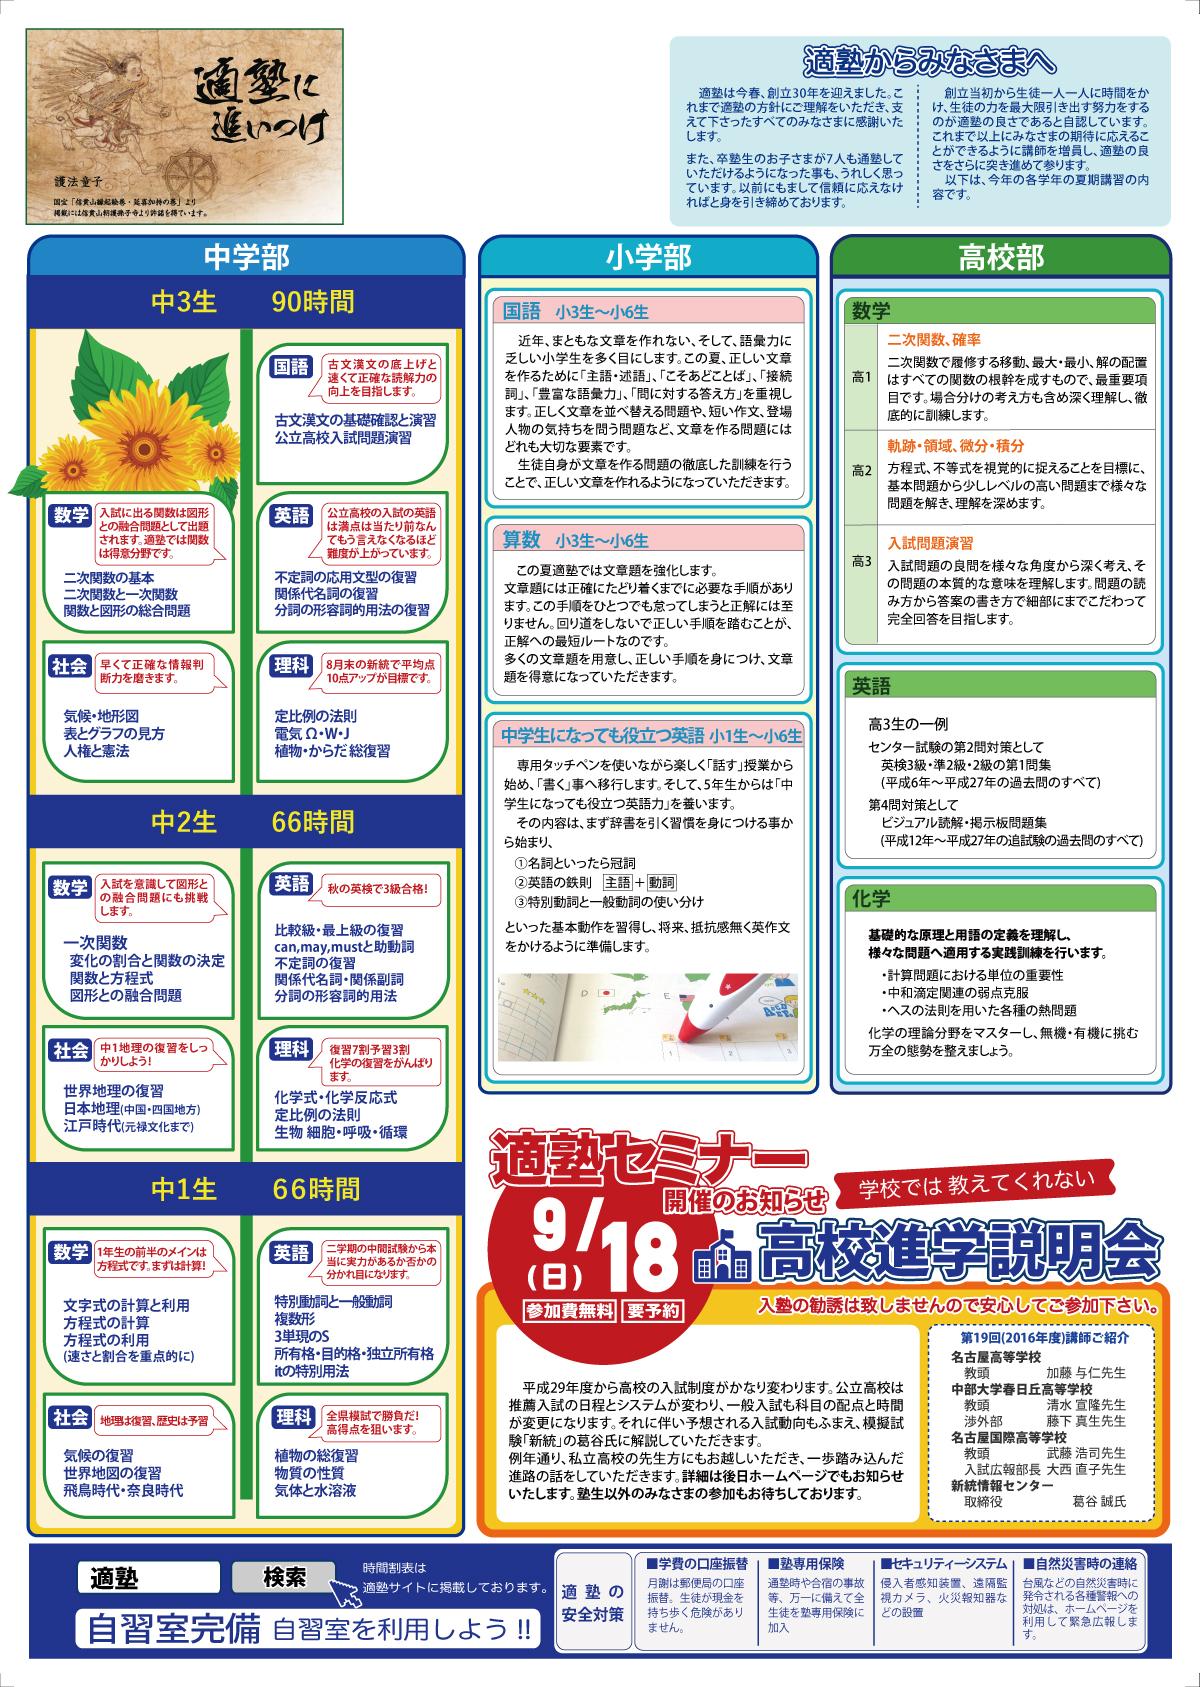 名古屋市東区のホームページ制作 パンフレット制作 ポスター制作会社のOaK 制作実績 学習塾 適塾 夏期講習新聞折込広告